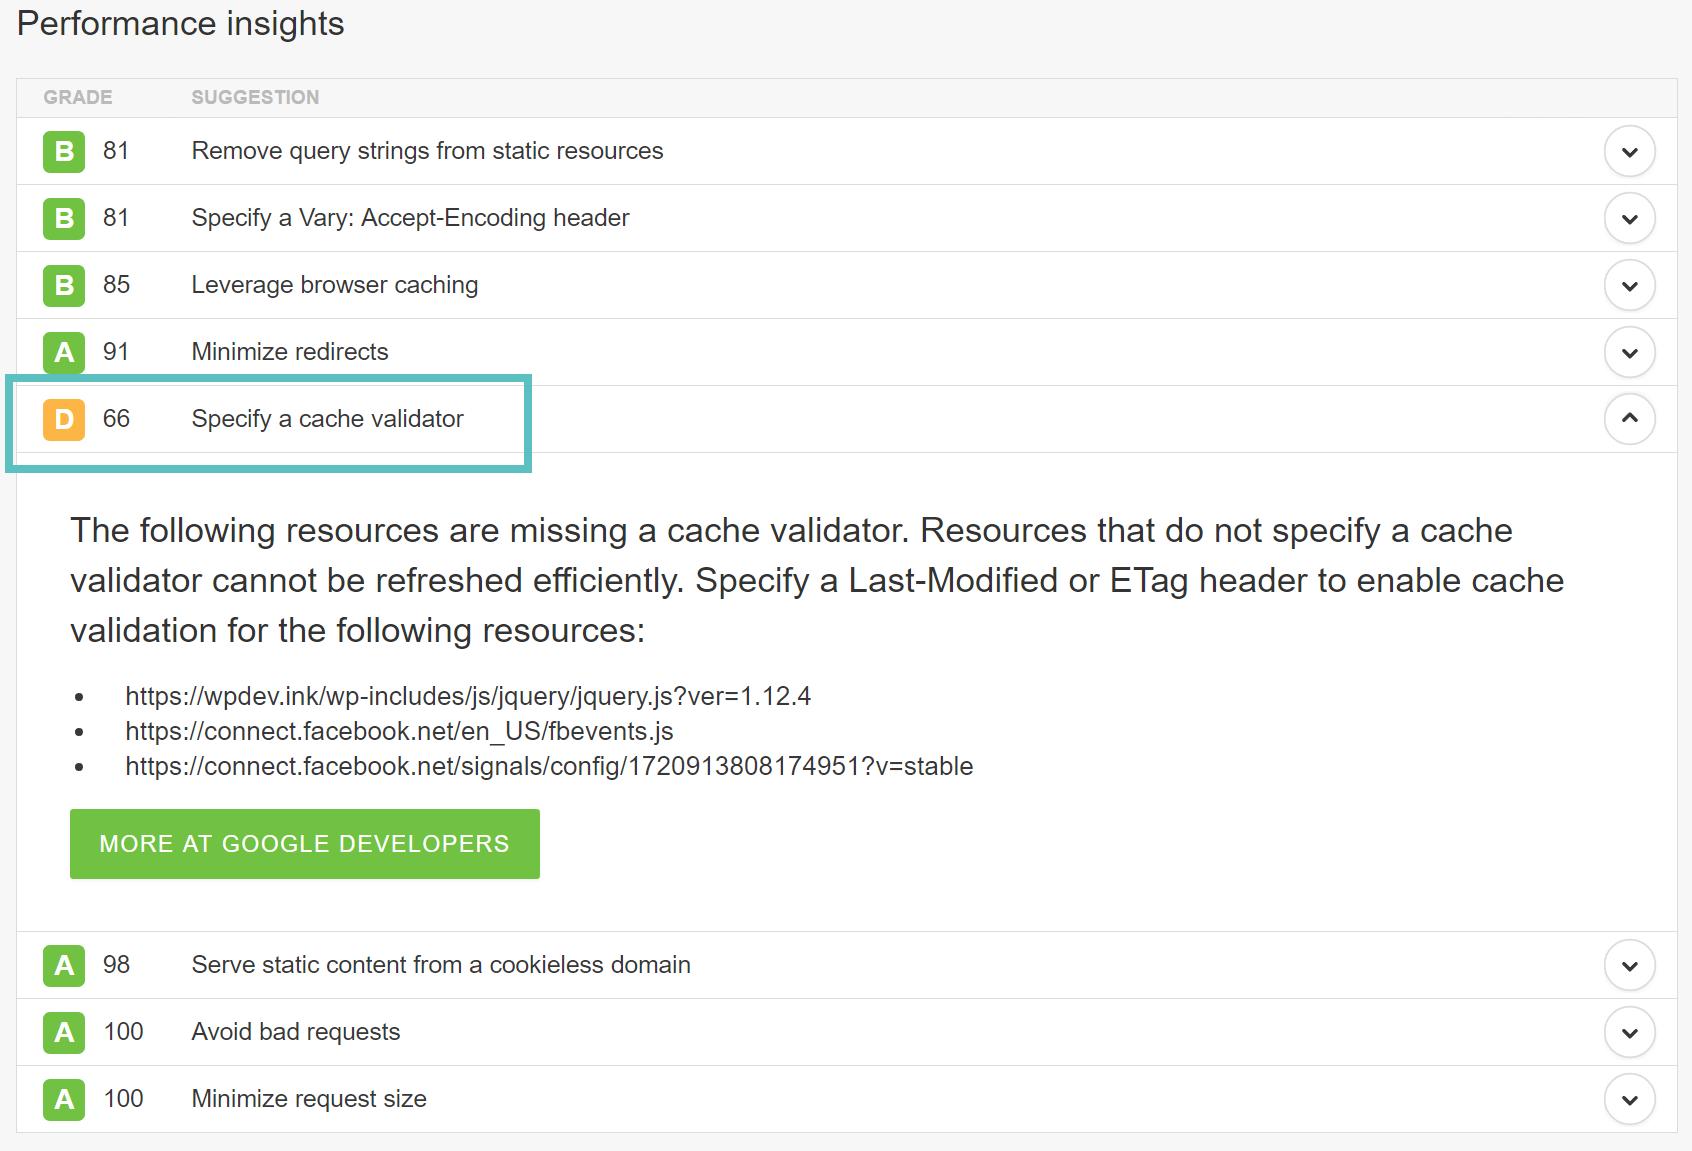 مشکل Specify a cache validator